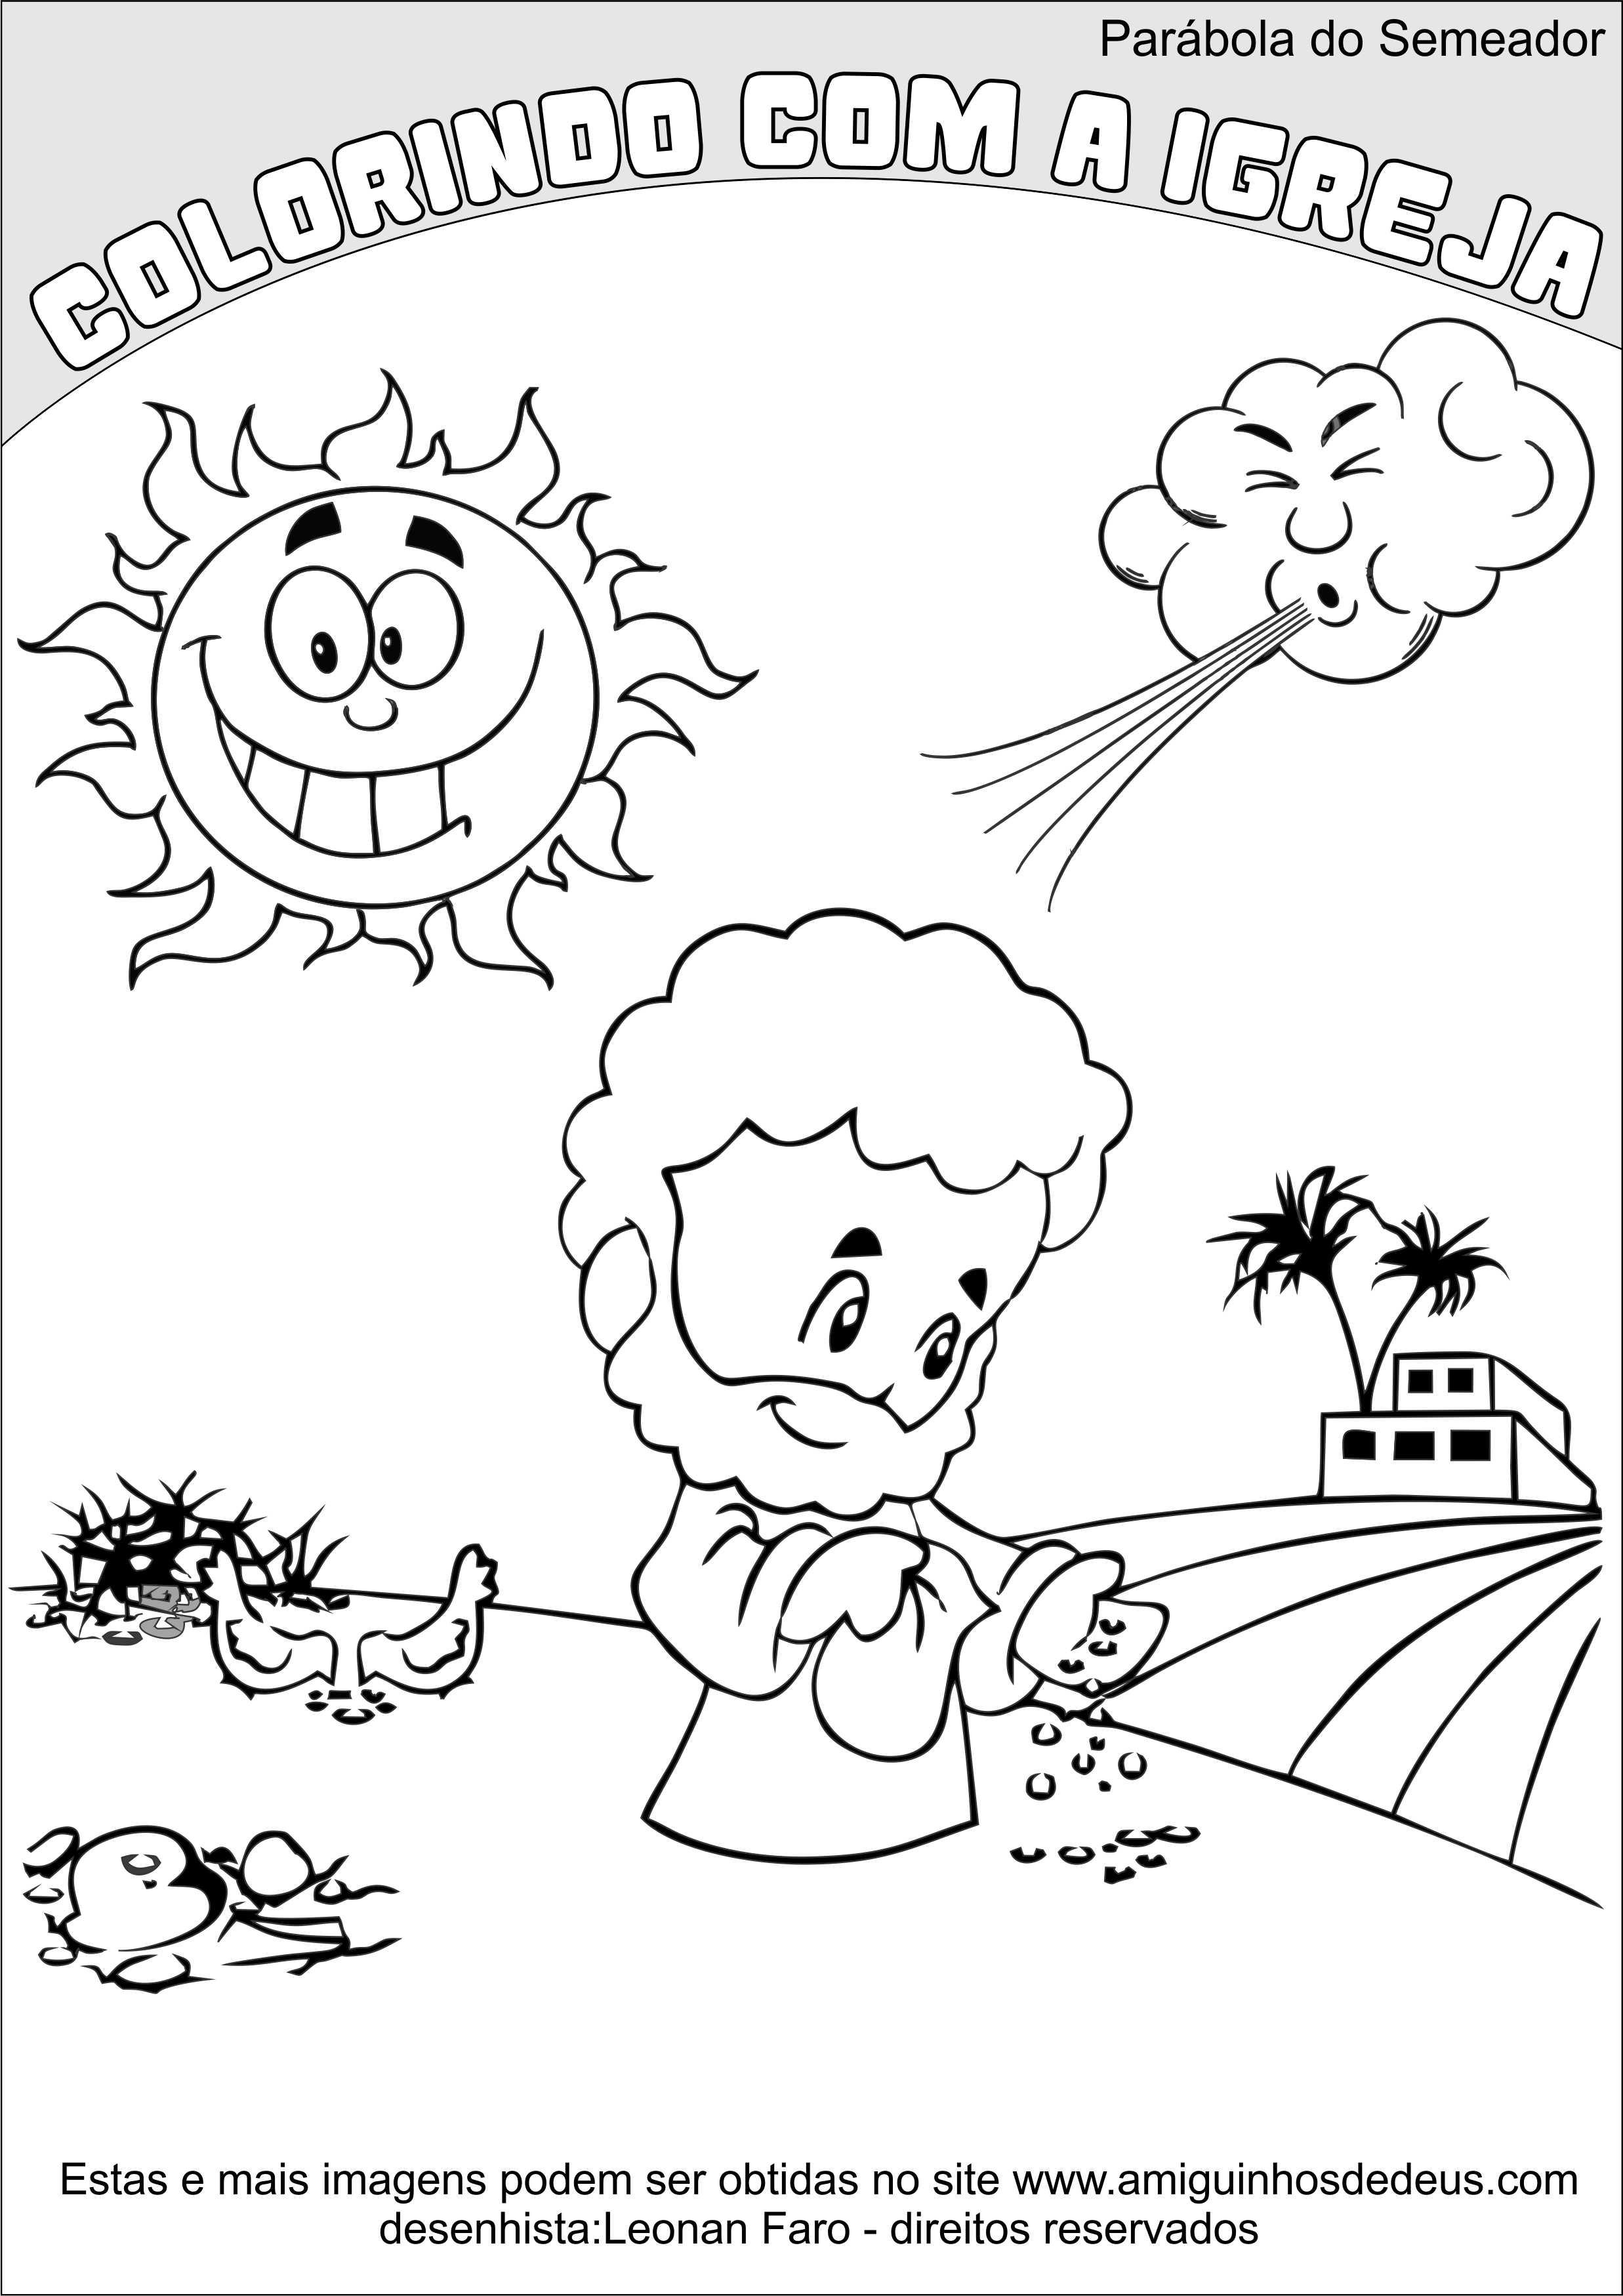 Parábola_do_Semeador_desenho